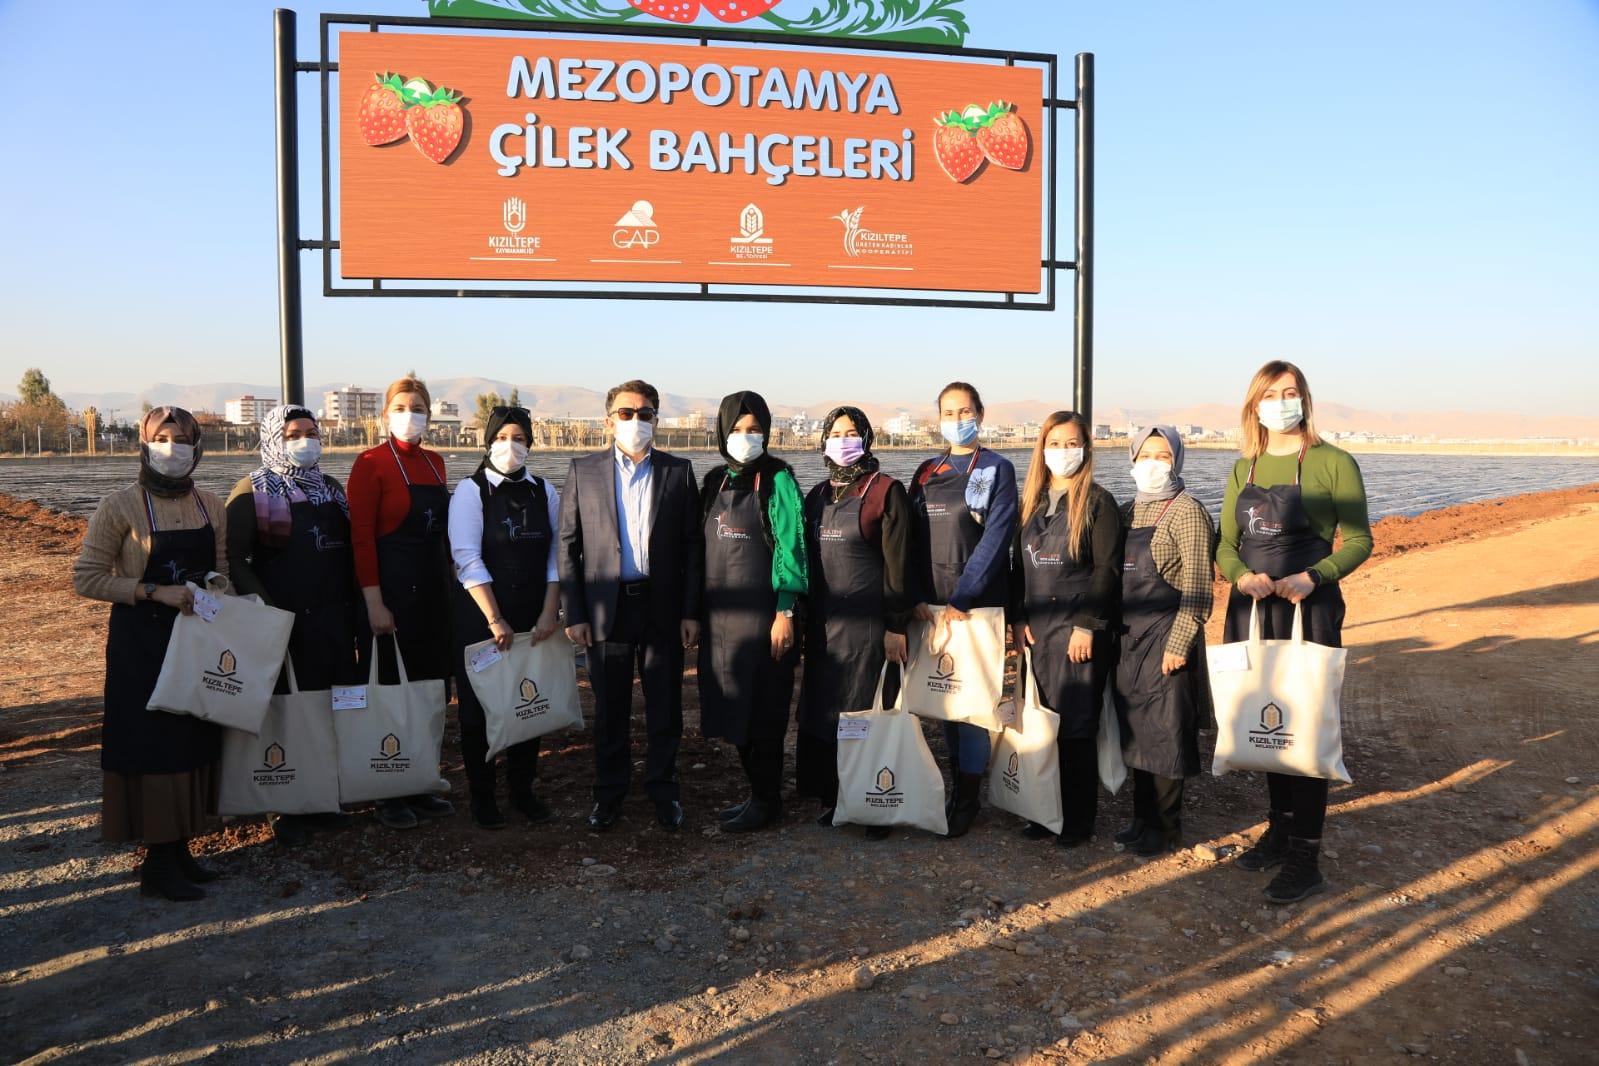 Kızıltepe'de kooperatif kuran kadınlar 20 dönümde çilek üretecek